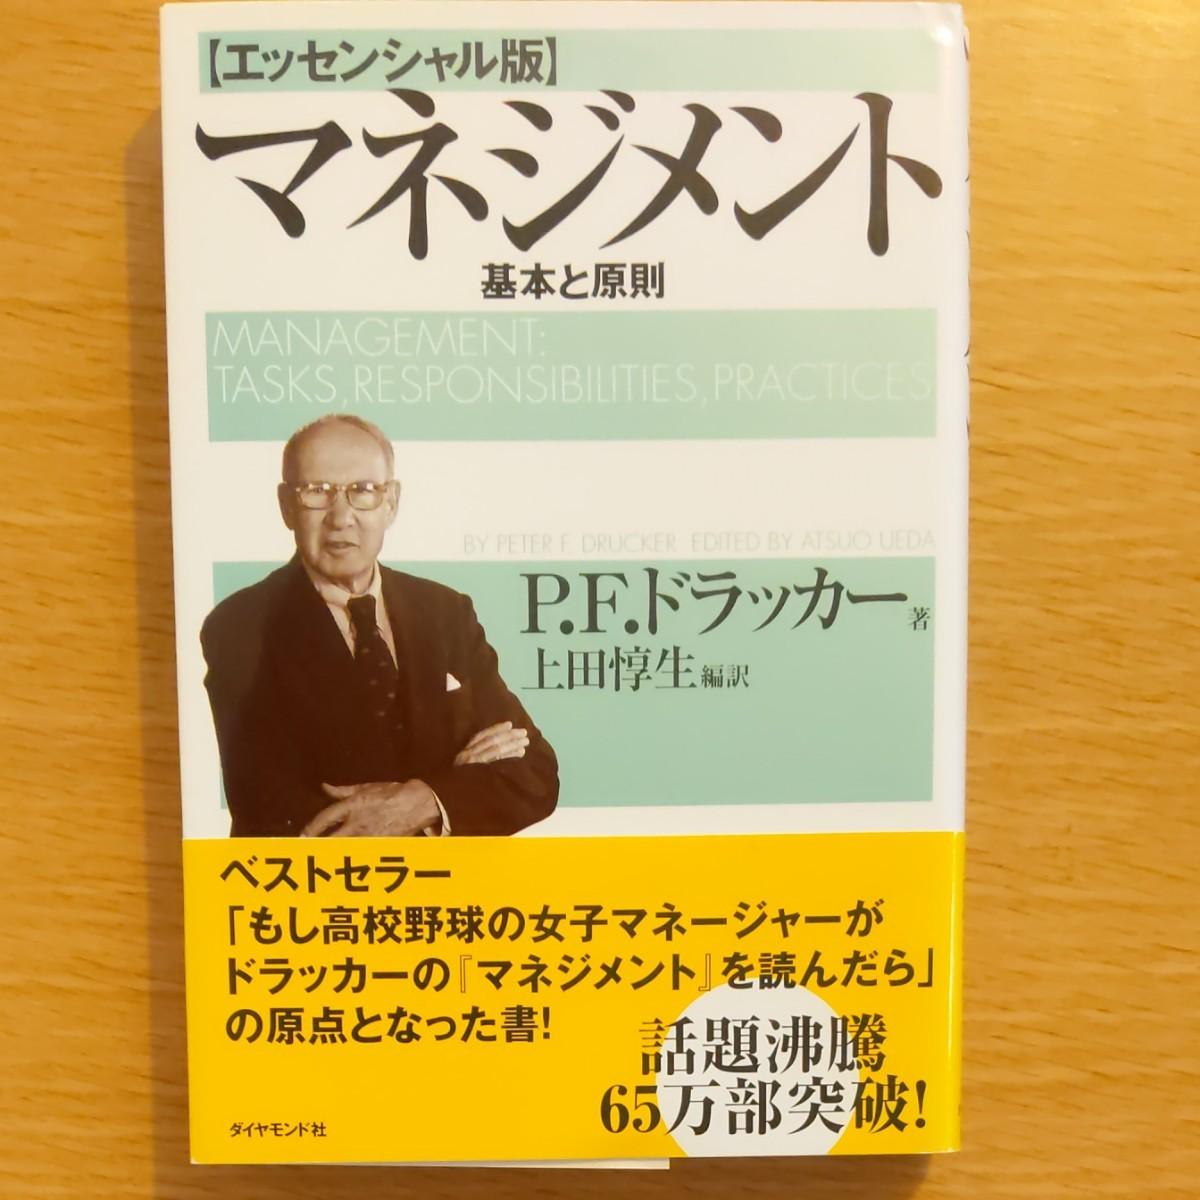 マネジメント基本と原則 ドラッカー P.F.ドラッカー